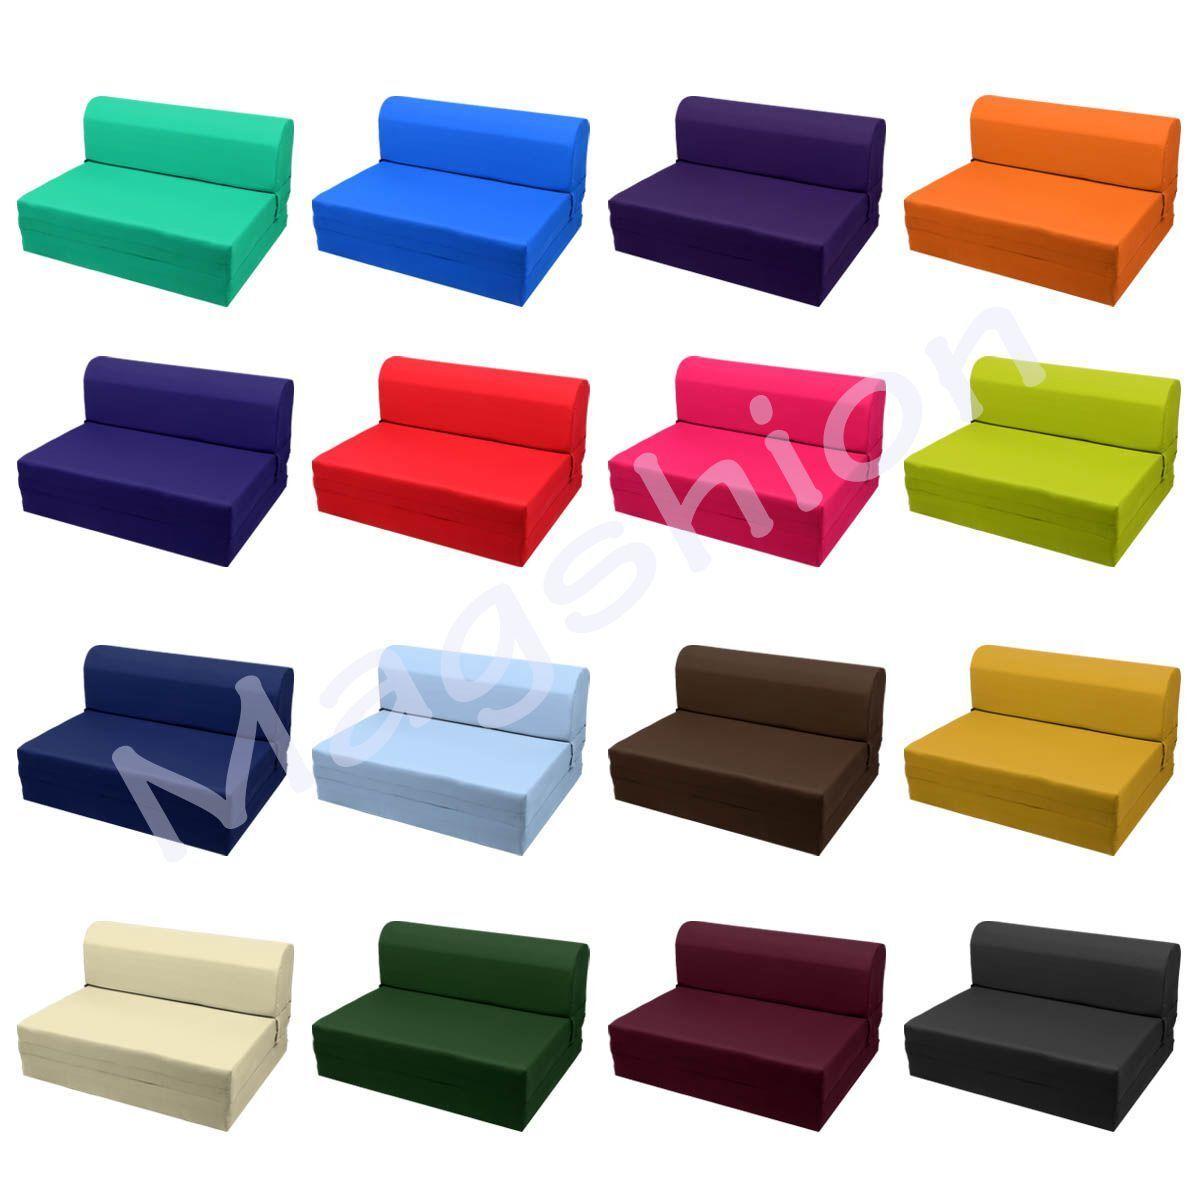 Foam Chair Bed